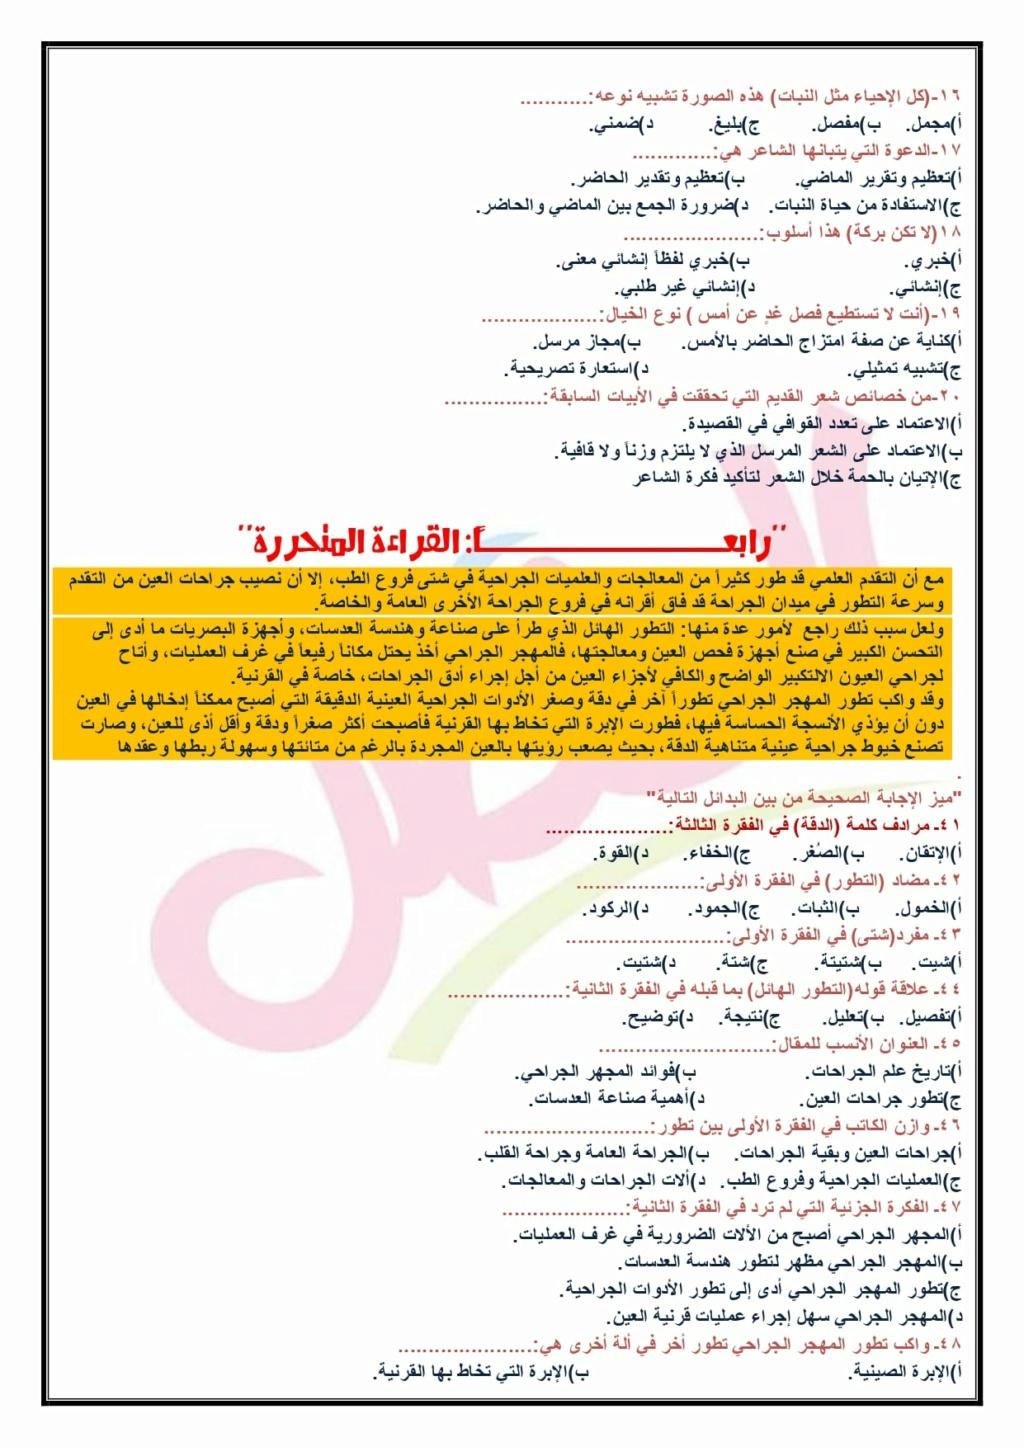 امتحان لغة عربية تدريبي للصف الثالث الثانوي 2021 أ/ محمد رفعت فضل 41599